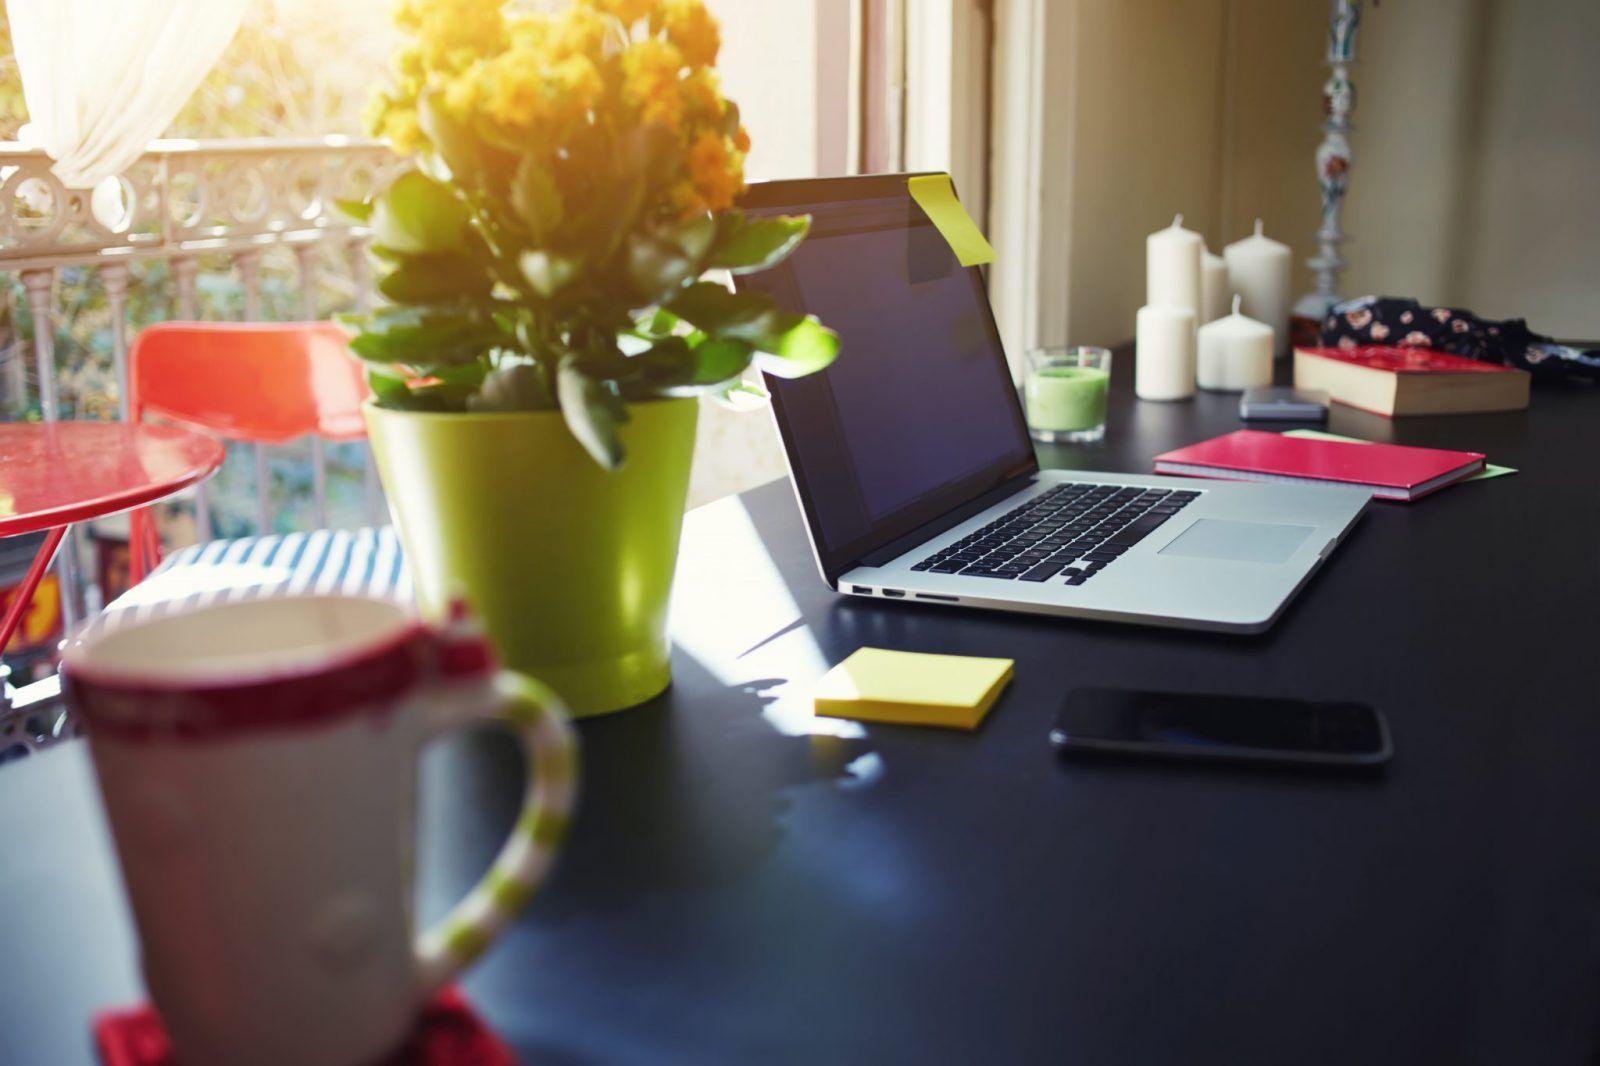 Macbook czy laptop – który sprzęt wybrać?